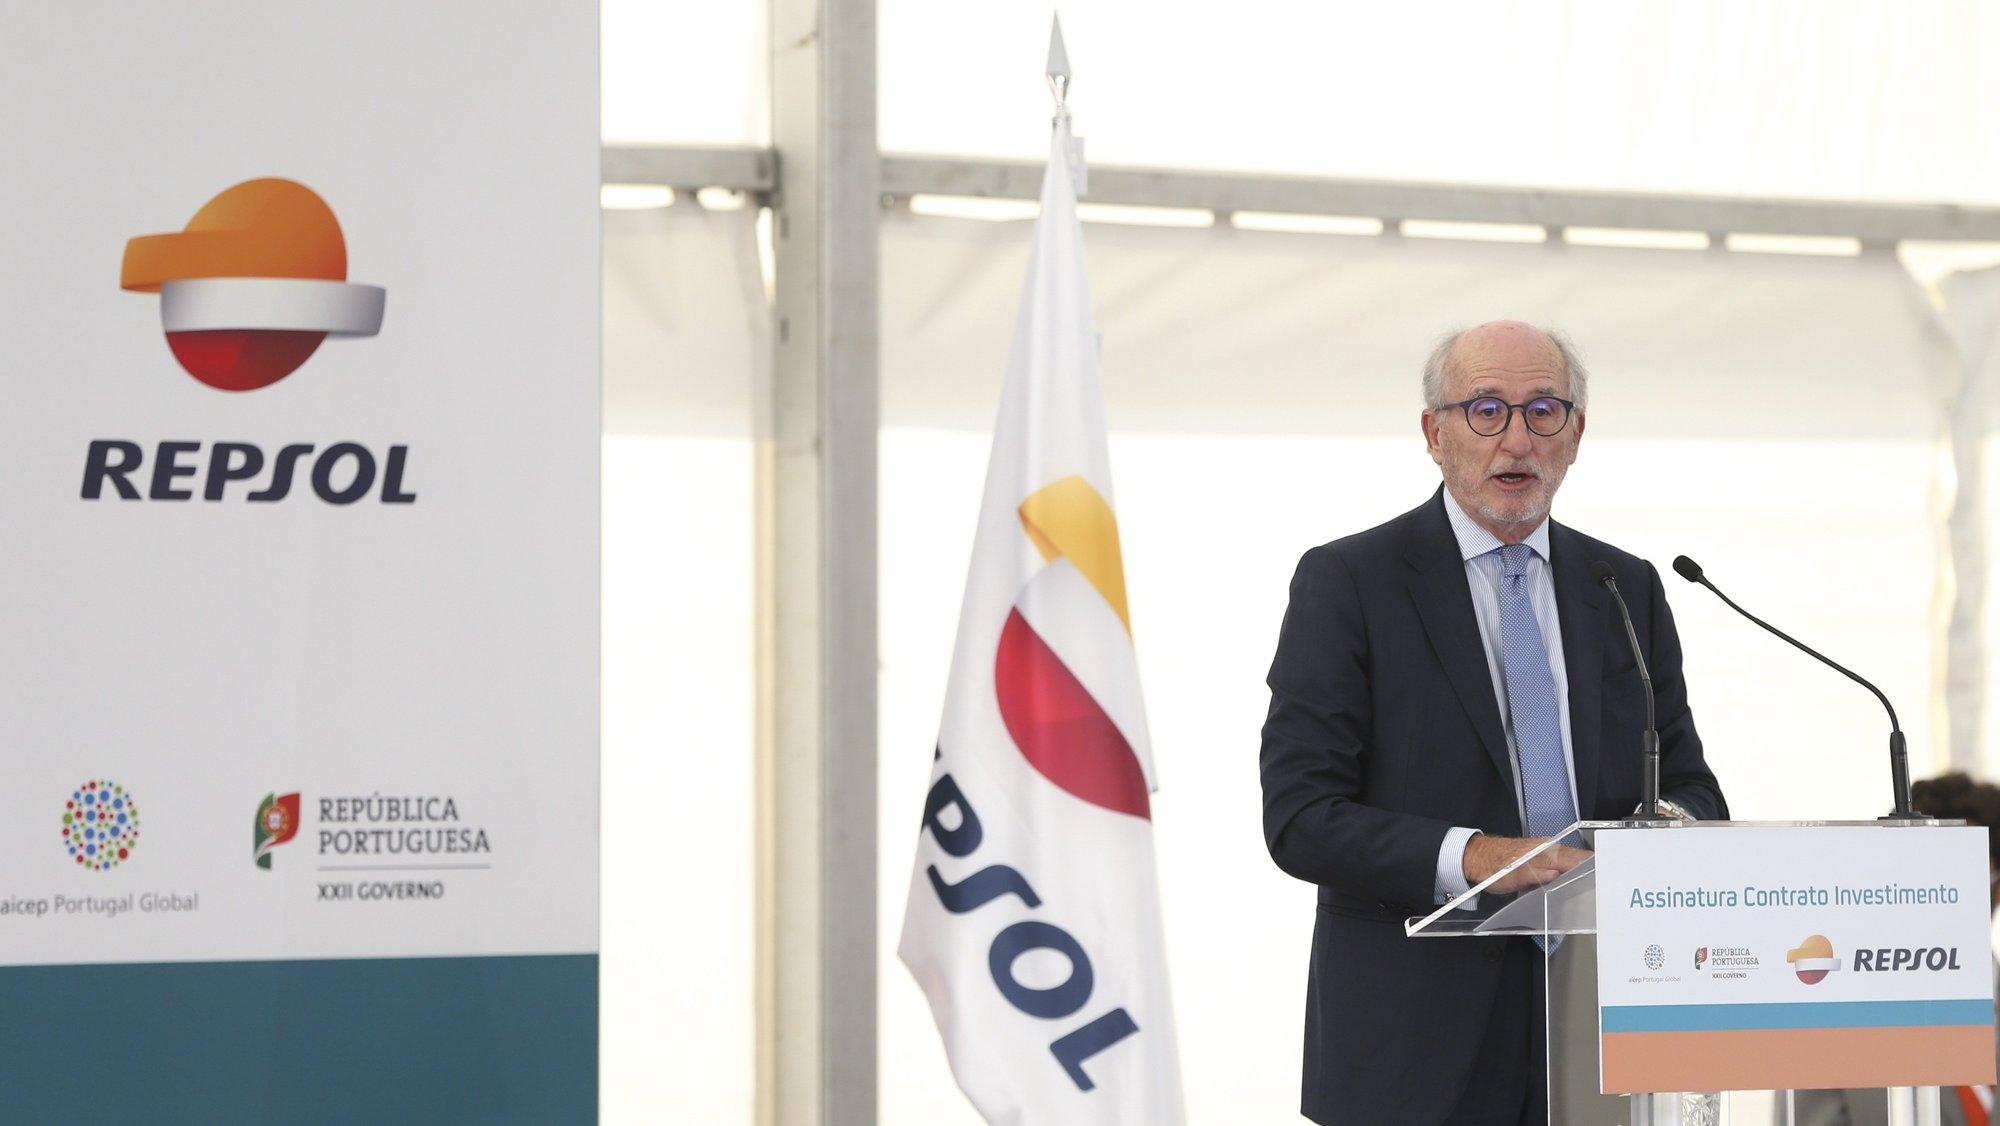 """O presidente da Repsol, Antonio Brufau Niubó, discursa durante a cerimónia de assinatura do contrato de investimento do Governo português com a Repsol, companhia energética de origem espanhola, no complexo industrial da Repsol em Sines, 13 de outubro de 2021. A Repsol e o Governo assinam hoje o contrato de investimento no complexo de Sines, que prevê incentivos fiscais de até 63 milhões a um projeto de 657 milhões de euros, apontado como o """"maior investimento industrial"""" da última década. MANUEL DE ALMEIDA/LUSA"""